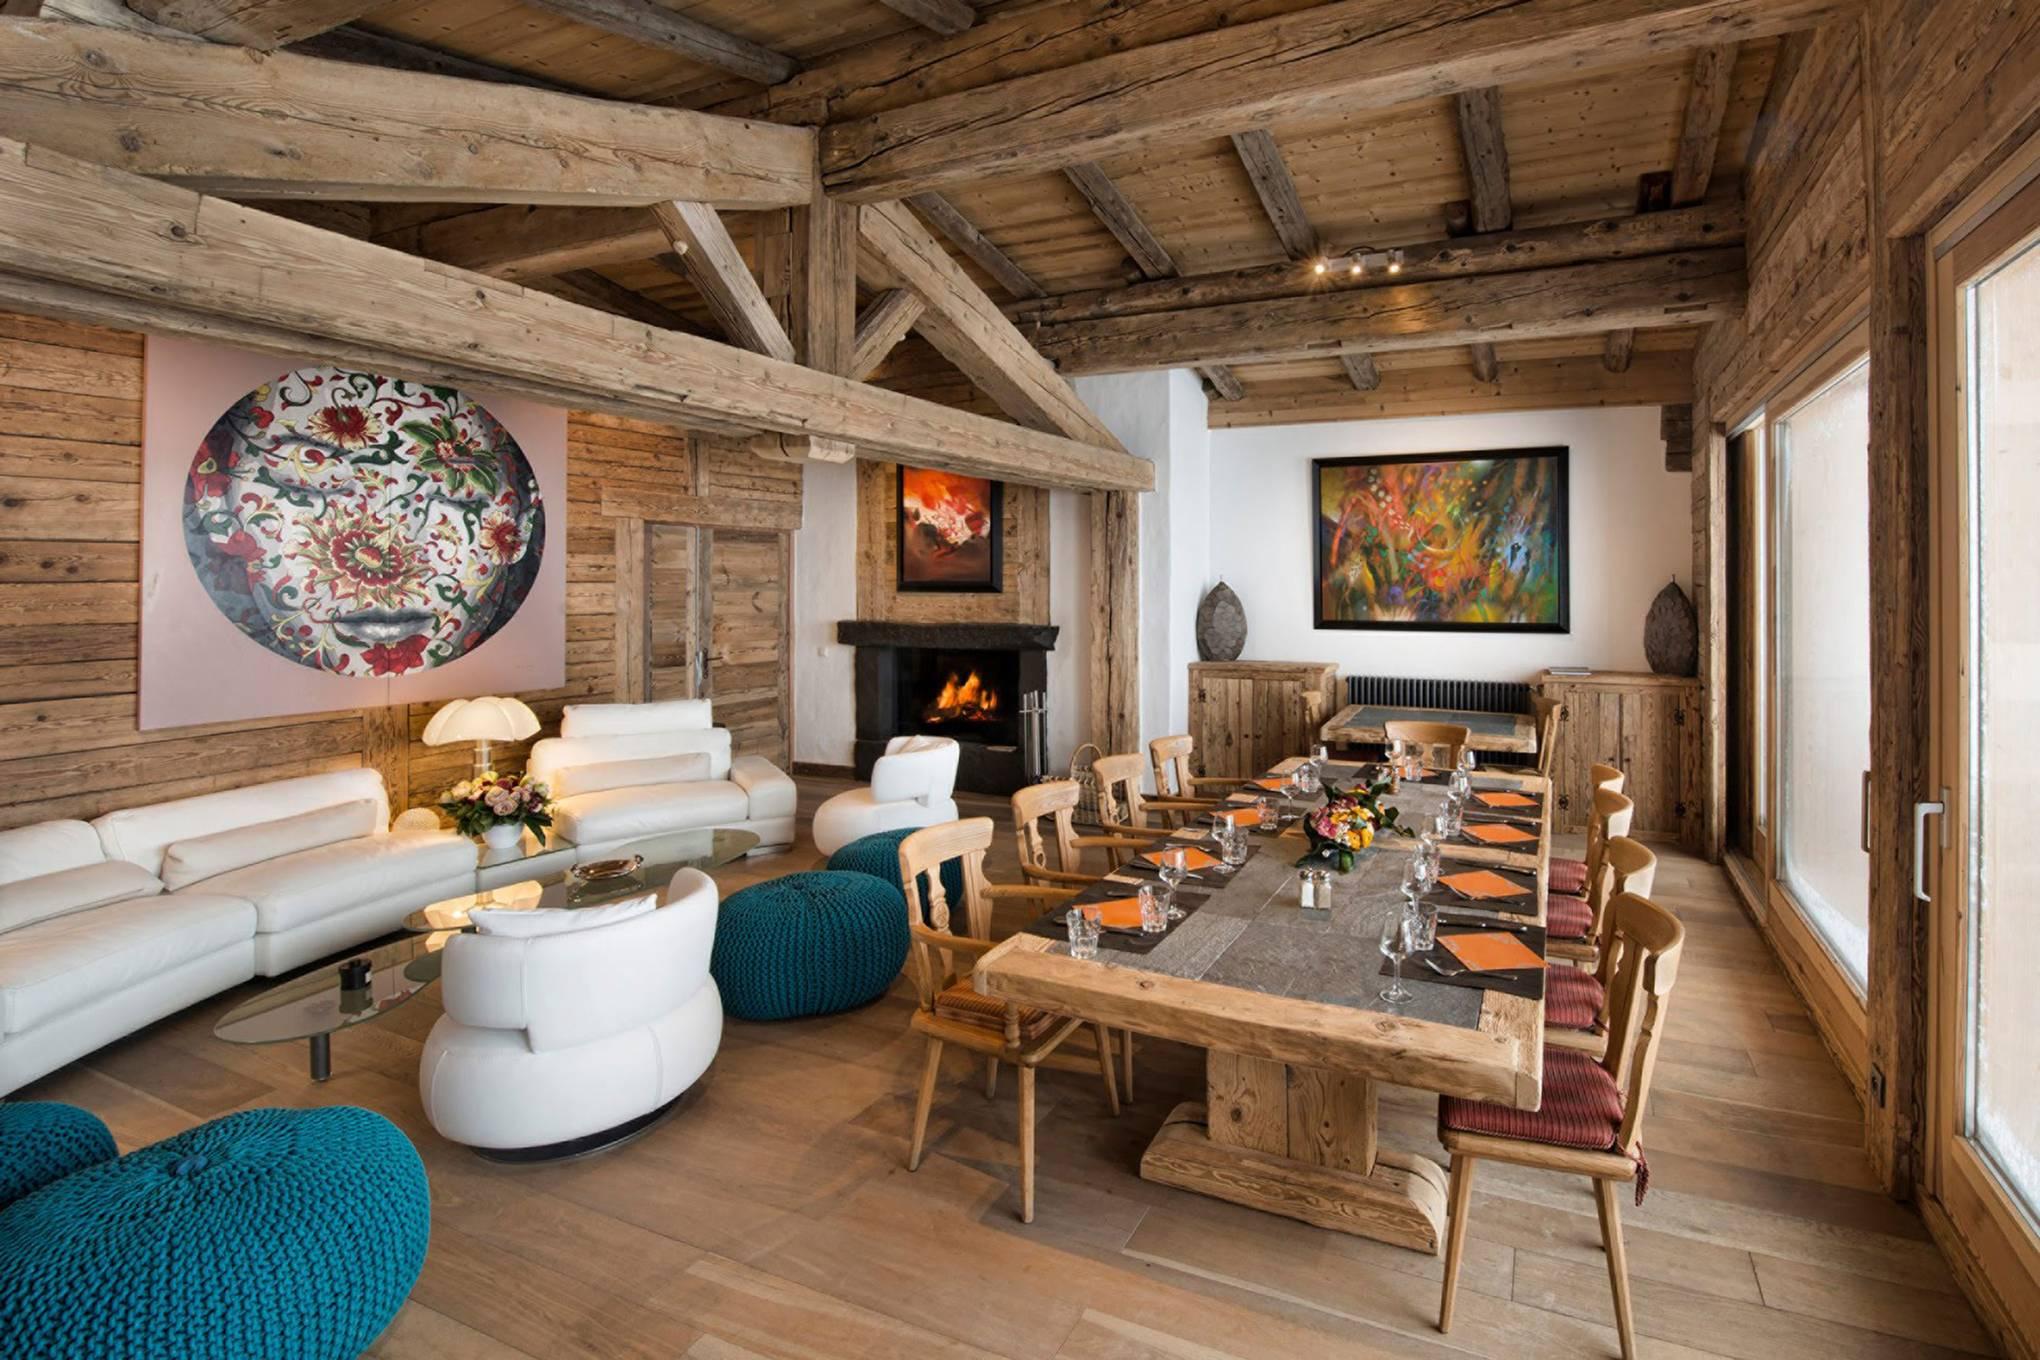 Le Refuge Megeve Architecte les chalets du mont d'arbois, megève, a four seasons hotel